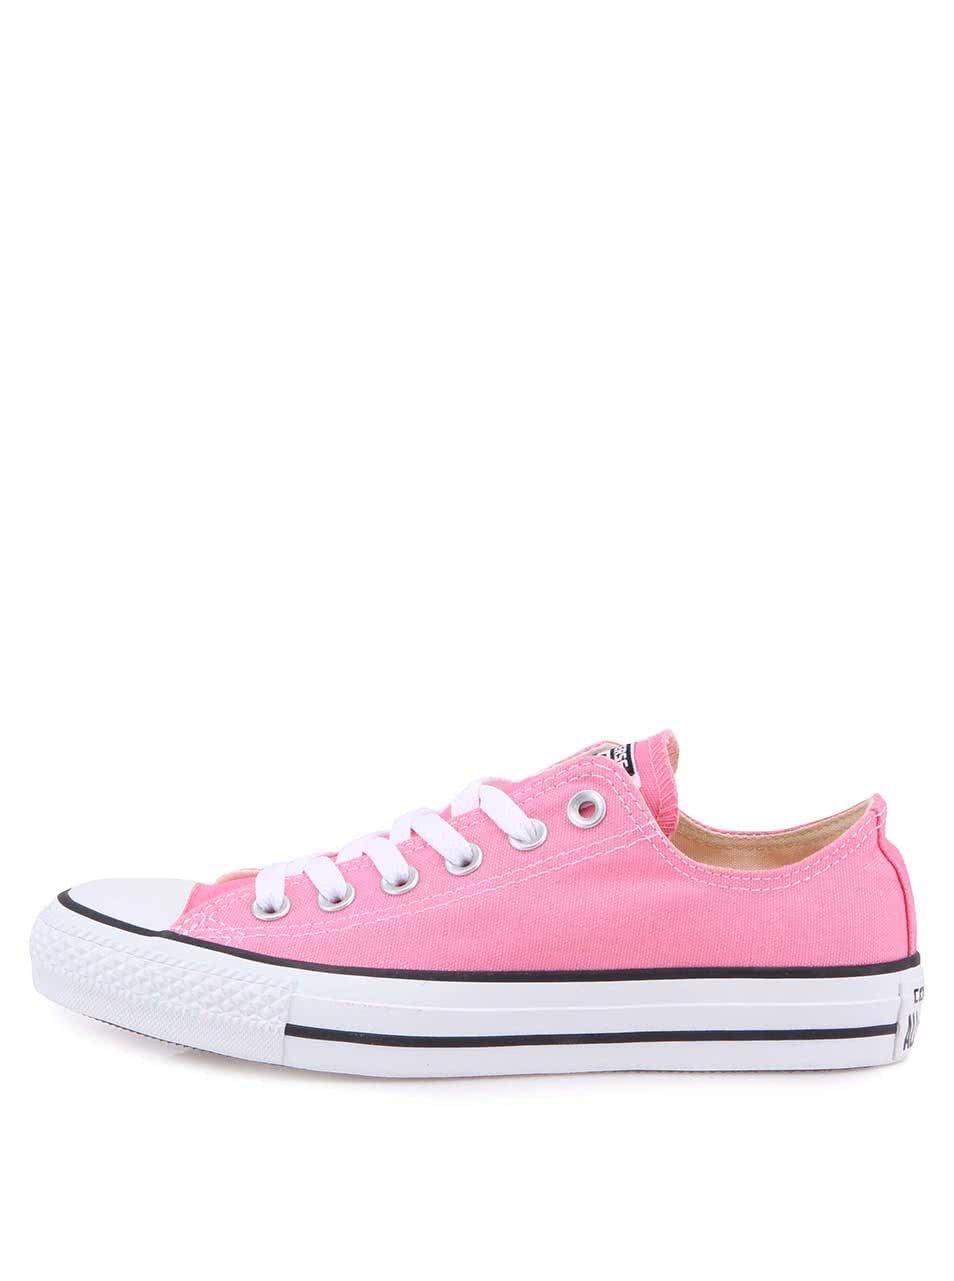 ff99ad704549f Ružové dámske tenisky Converse Chuck Taylor All Star | Moda.sk